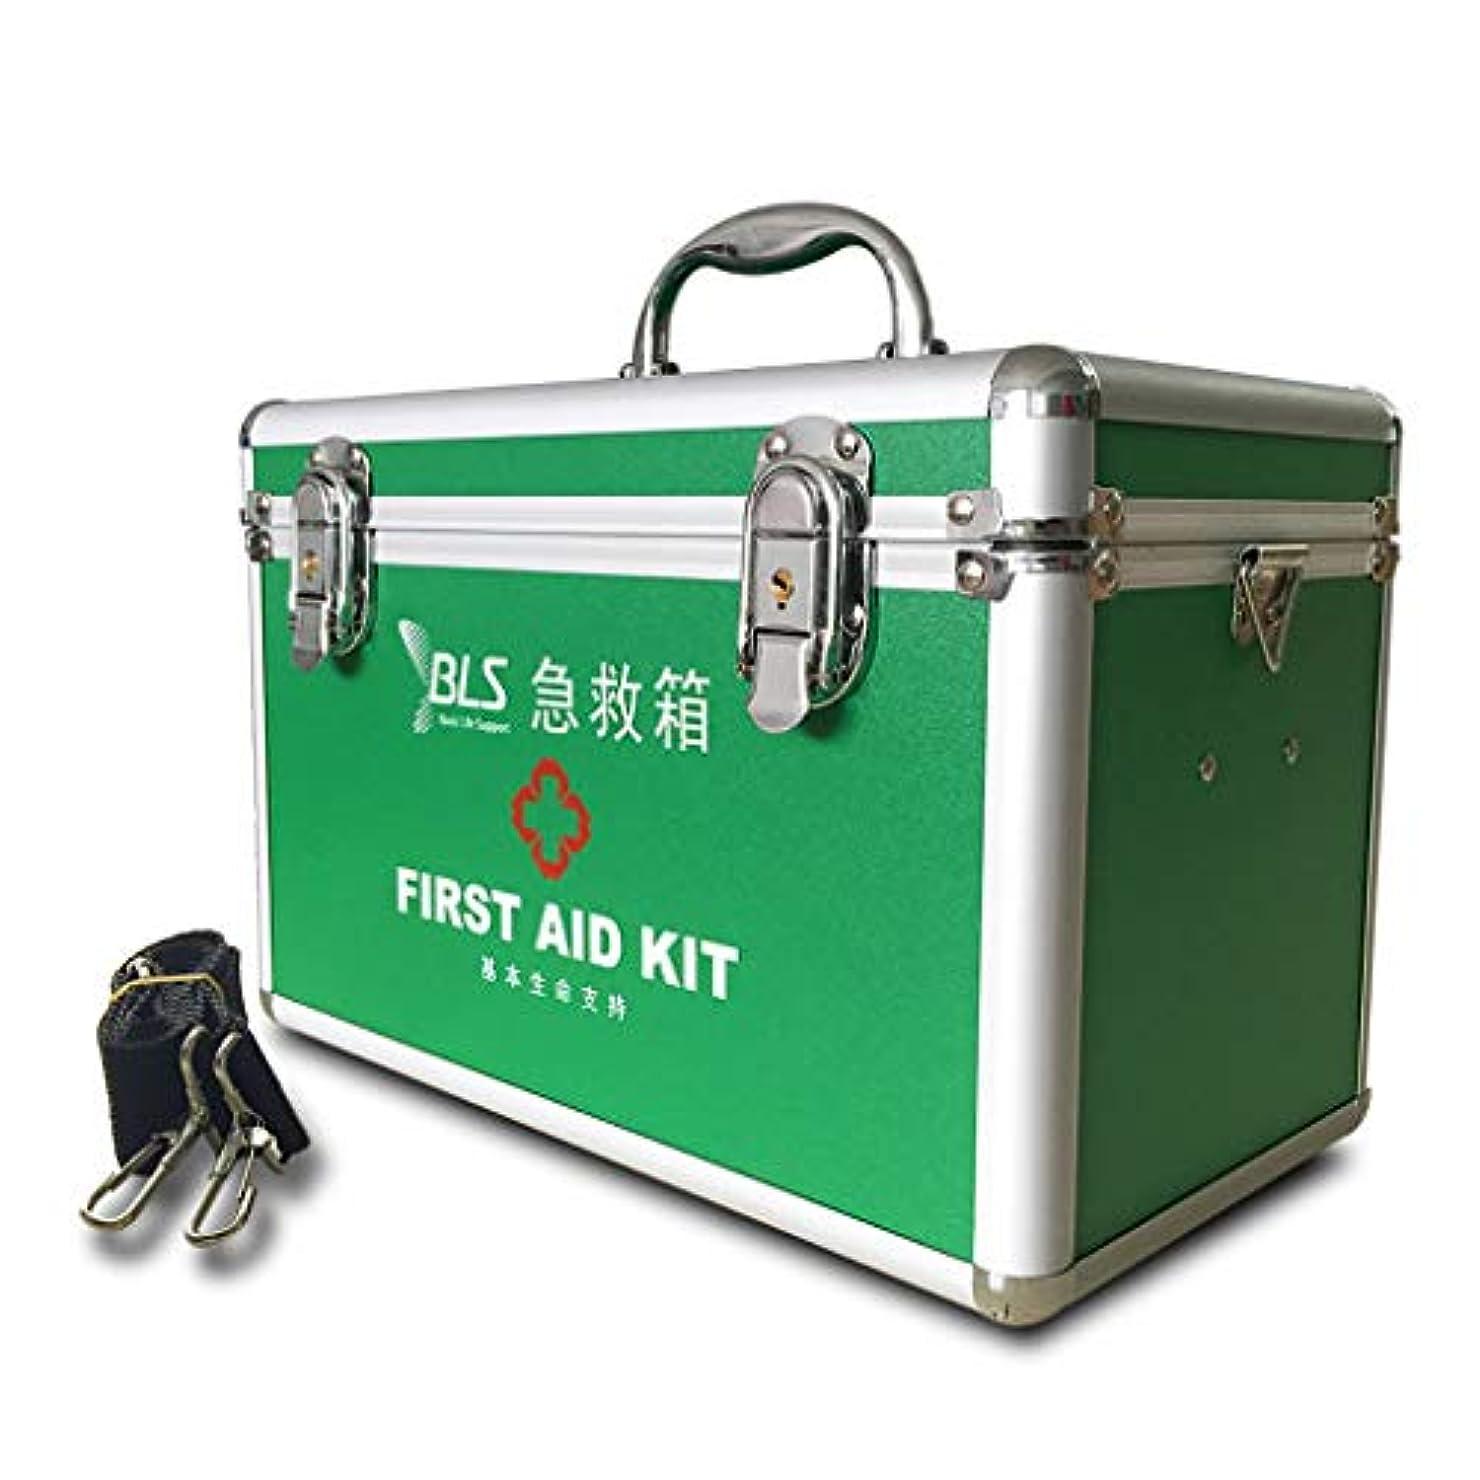 風刺メタルラインミニチュア携帯用大型薬箱、医療用収納キット、施錠可能、薬収納ボックス(31 * 17 * 20CM)